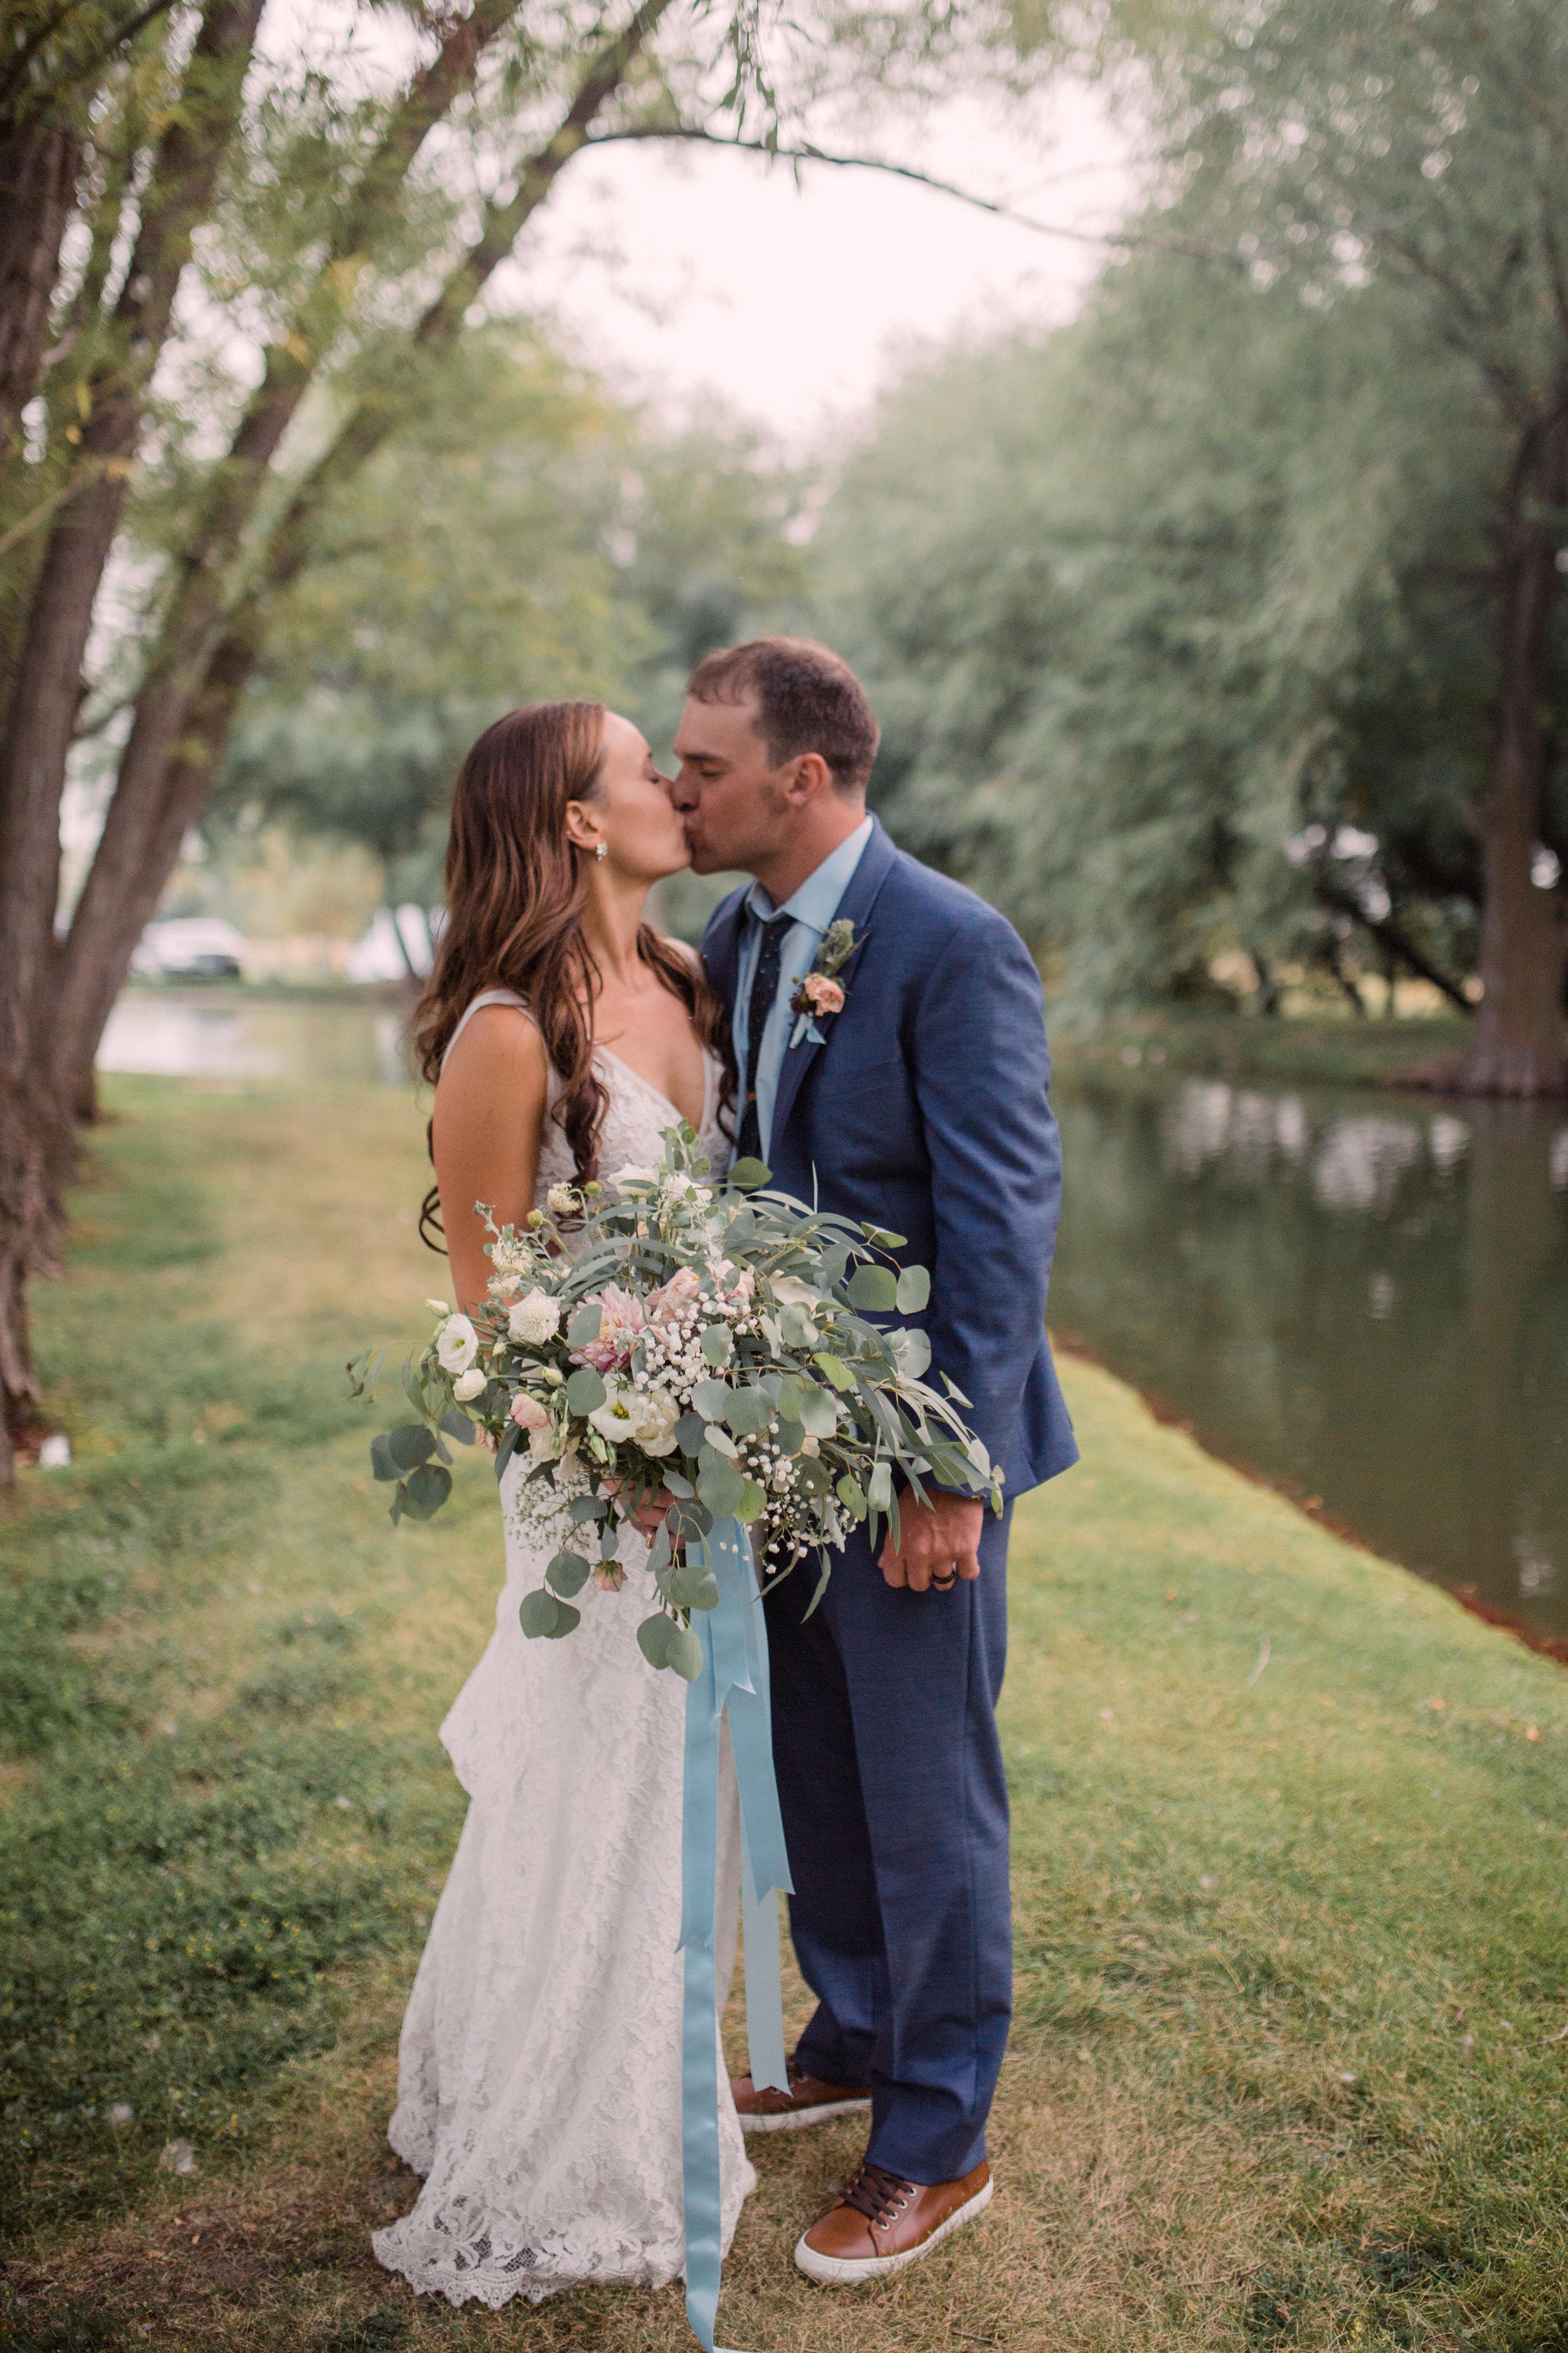 sydney and chad wedding-sydney and chad edits-0086.jpg